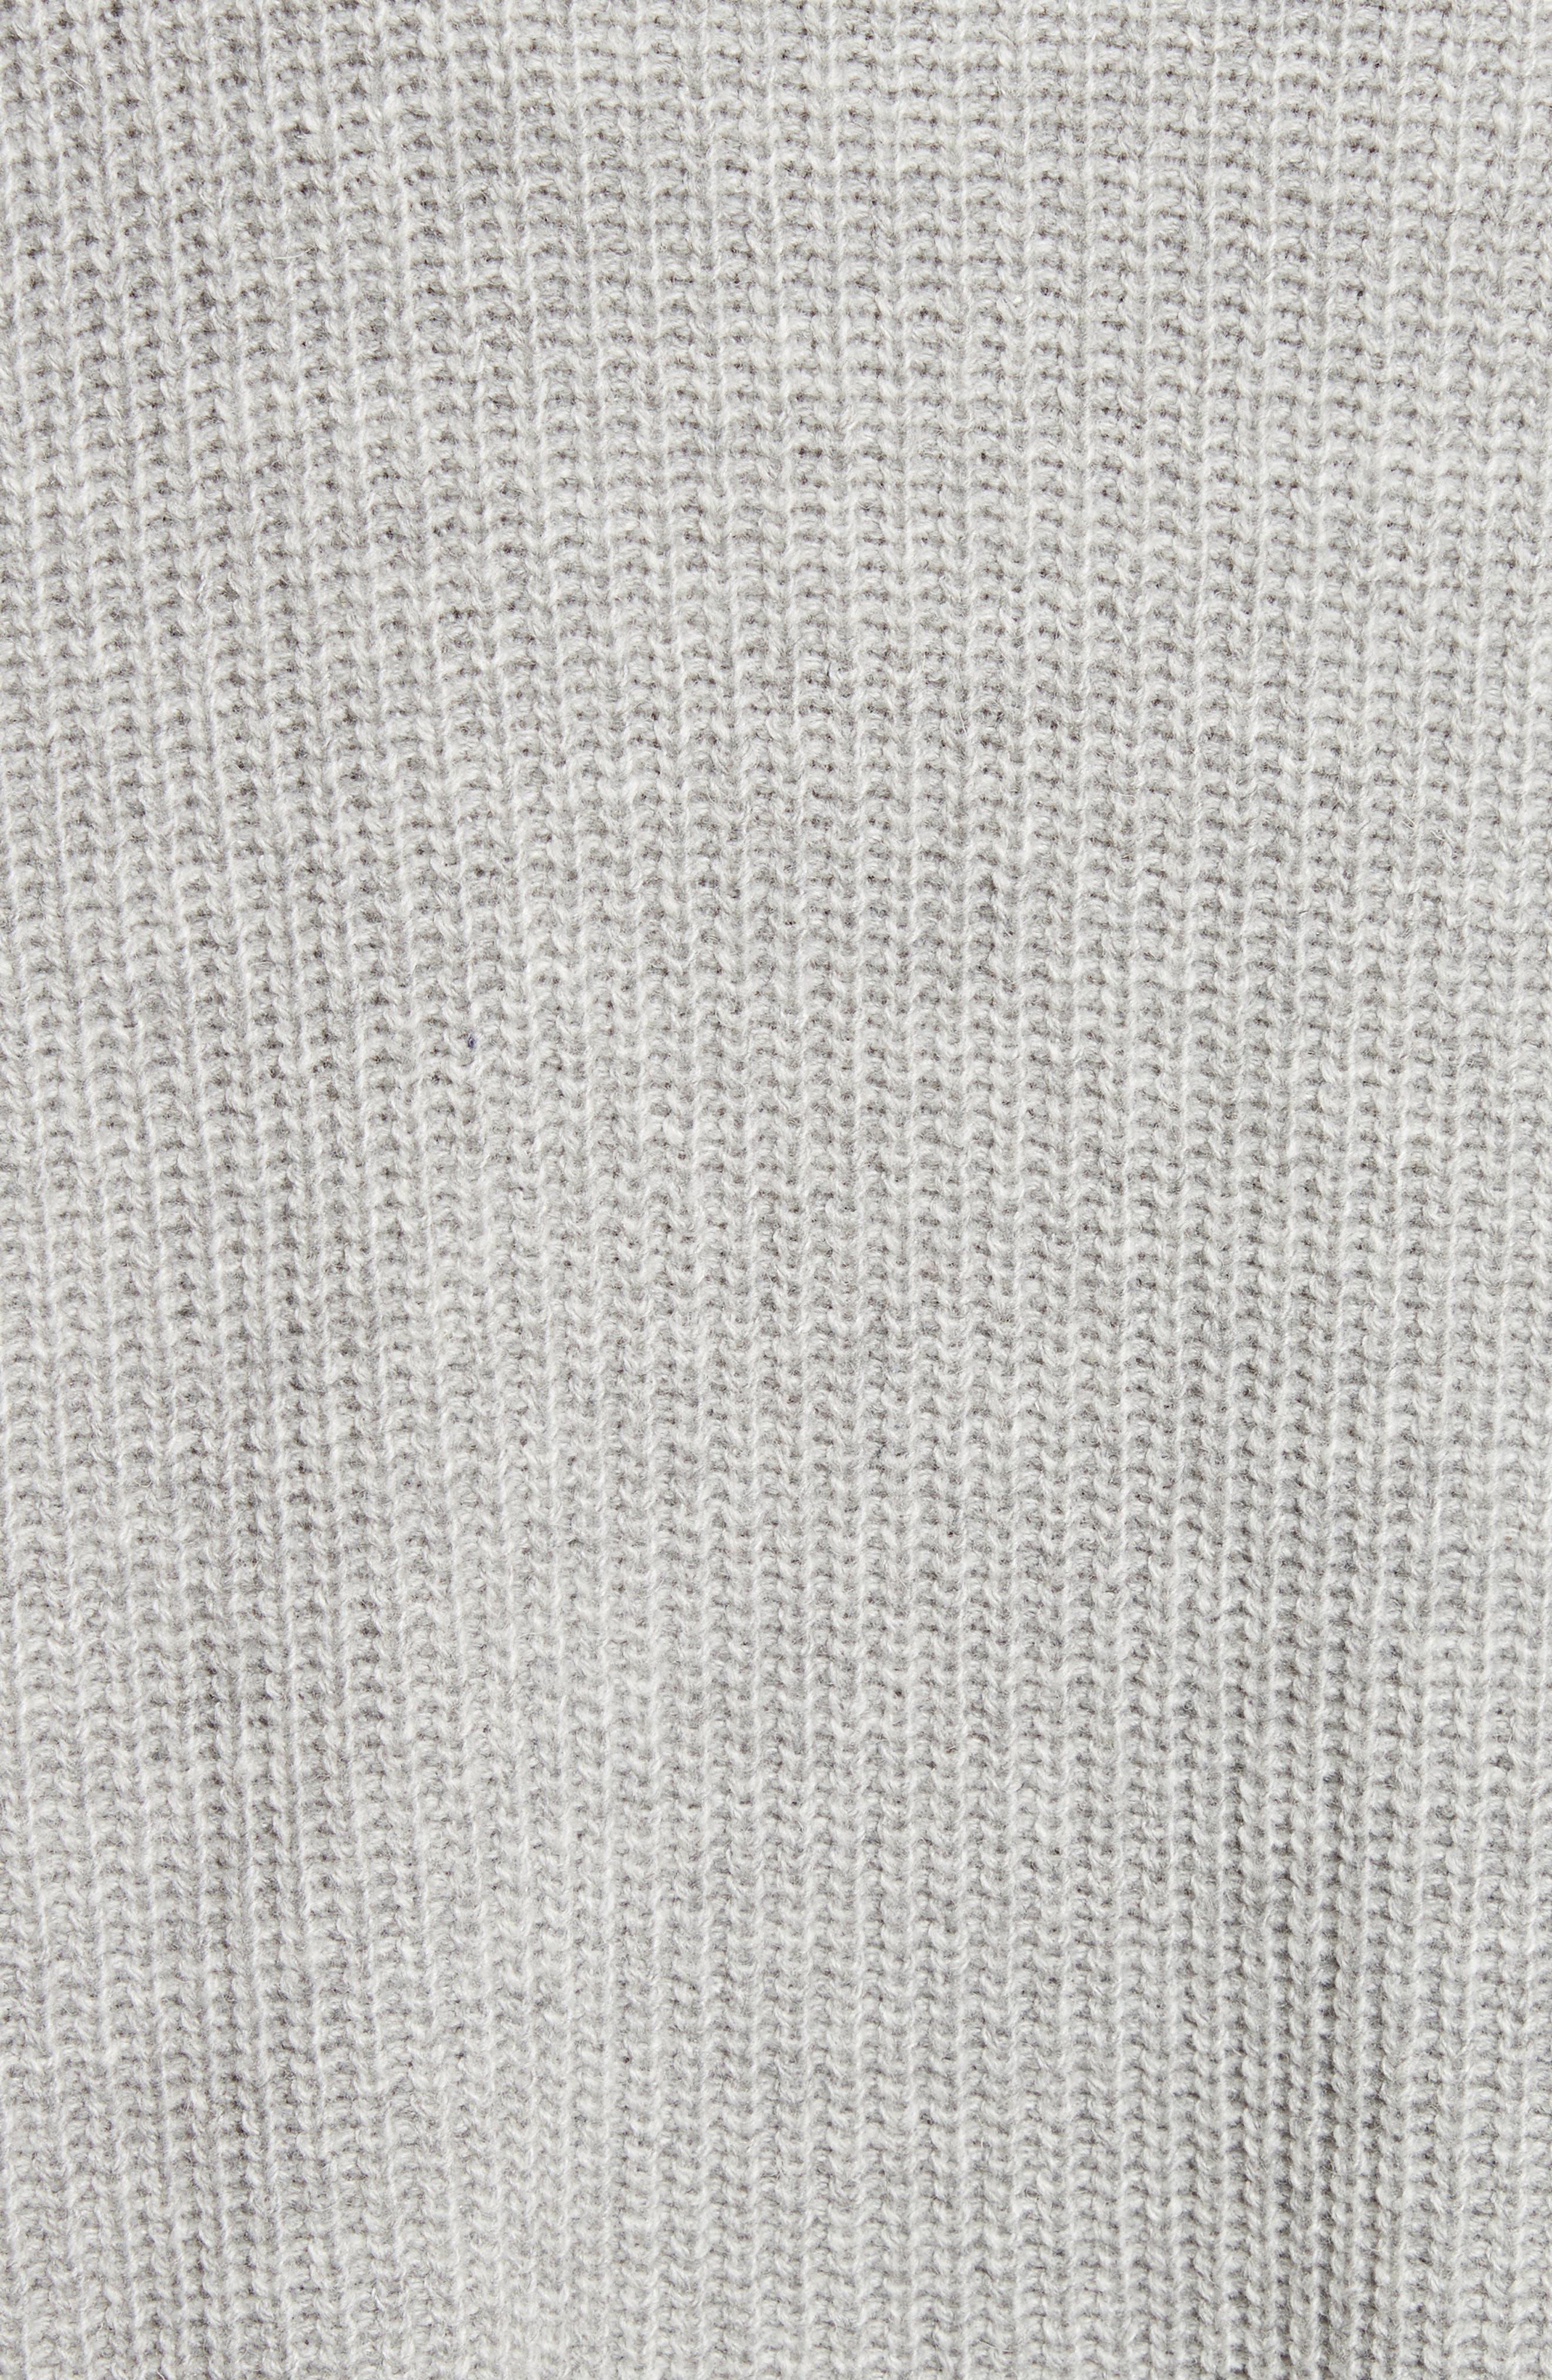 Oversize V-Neck Sweater,                             Alternate thumbnail 5, color,                             021